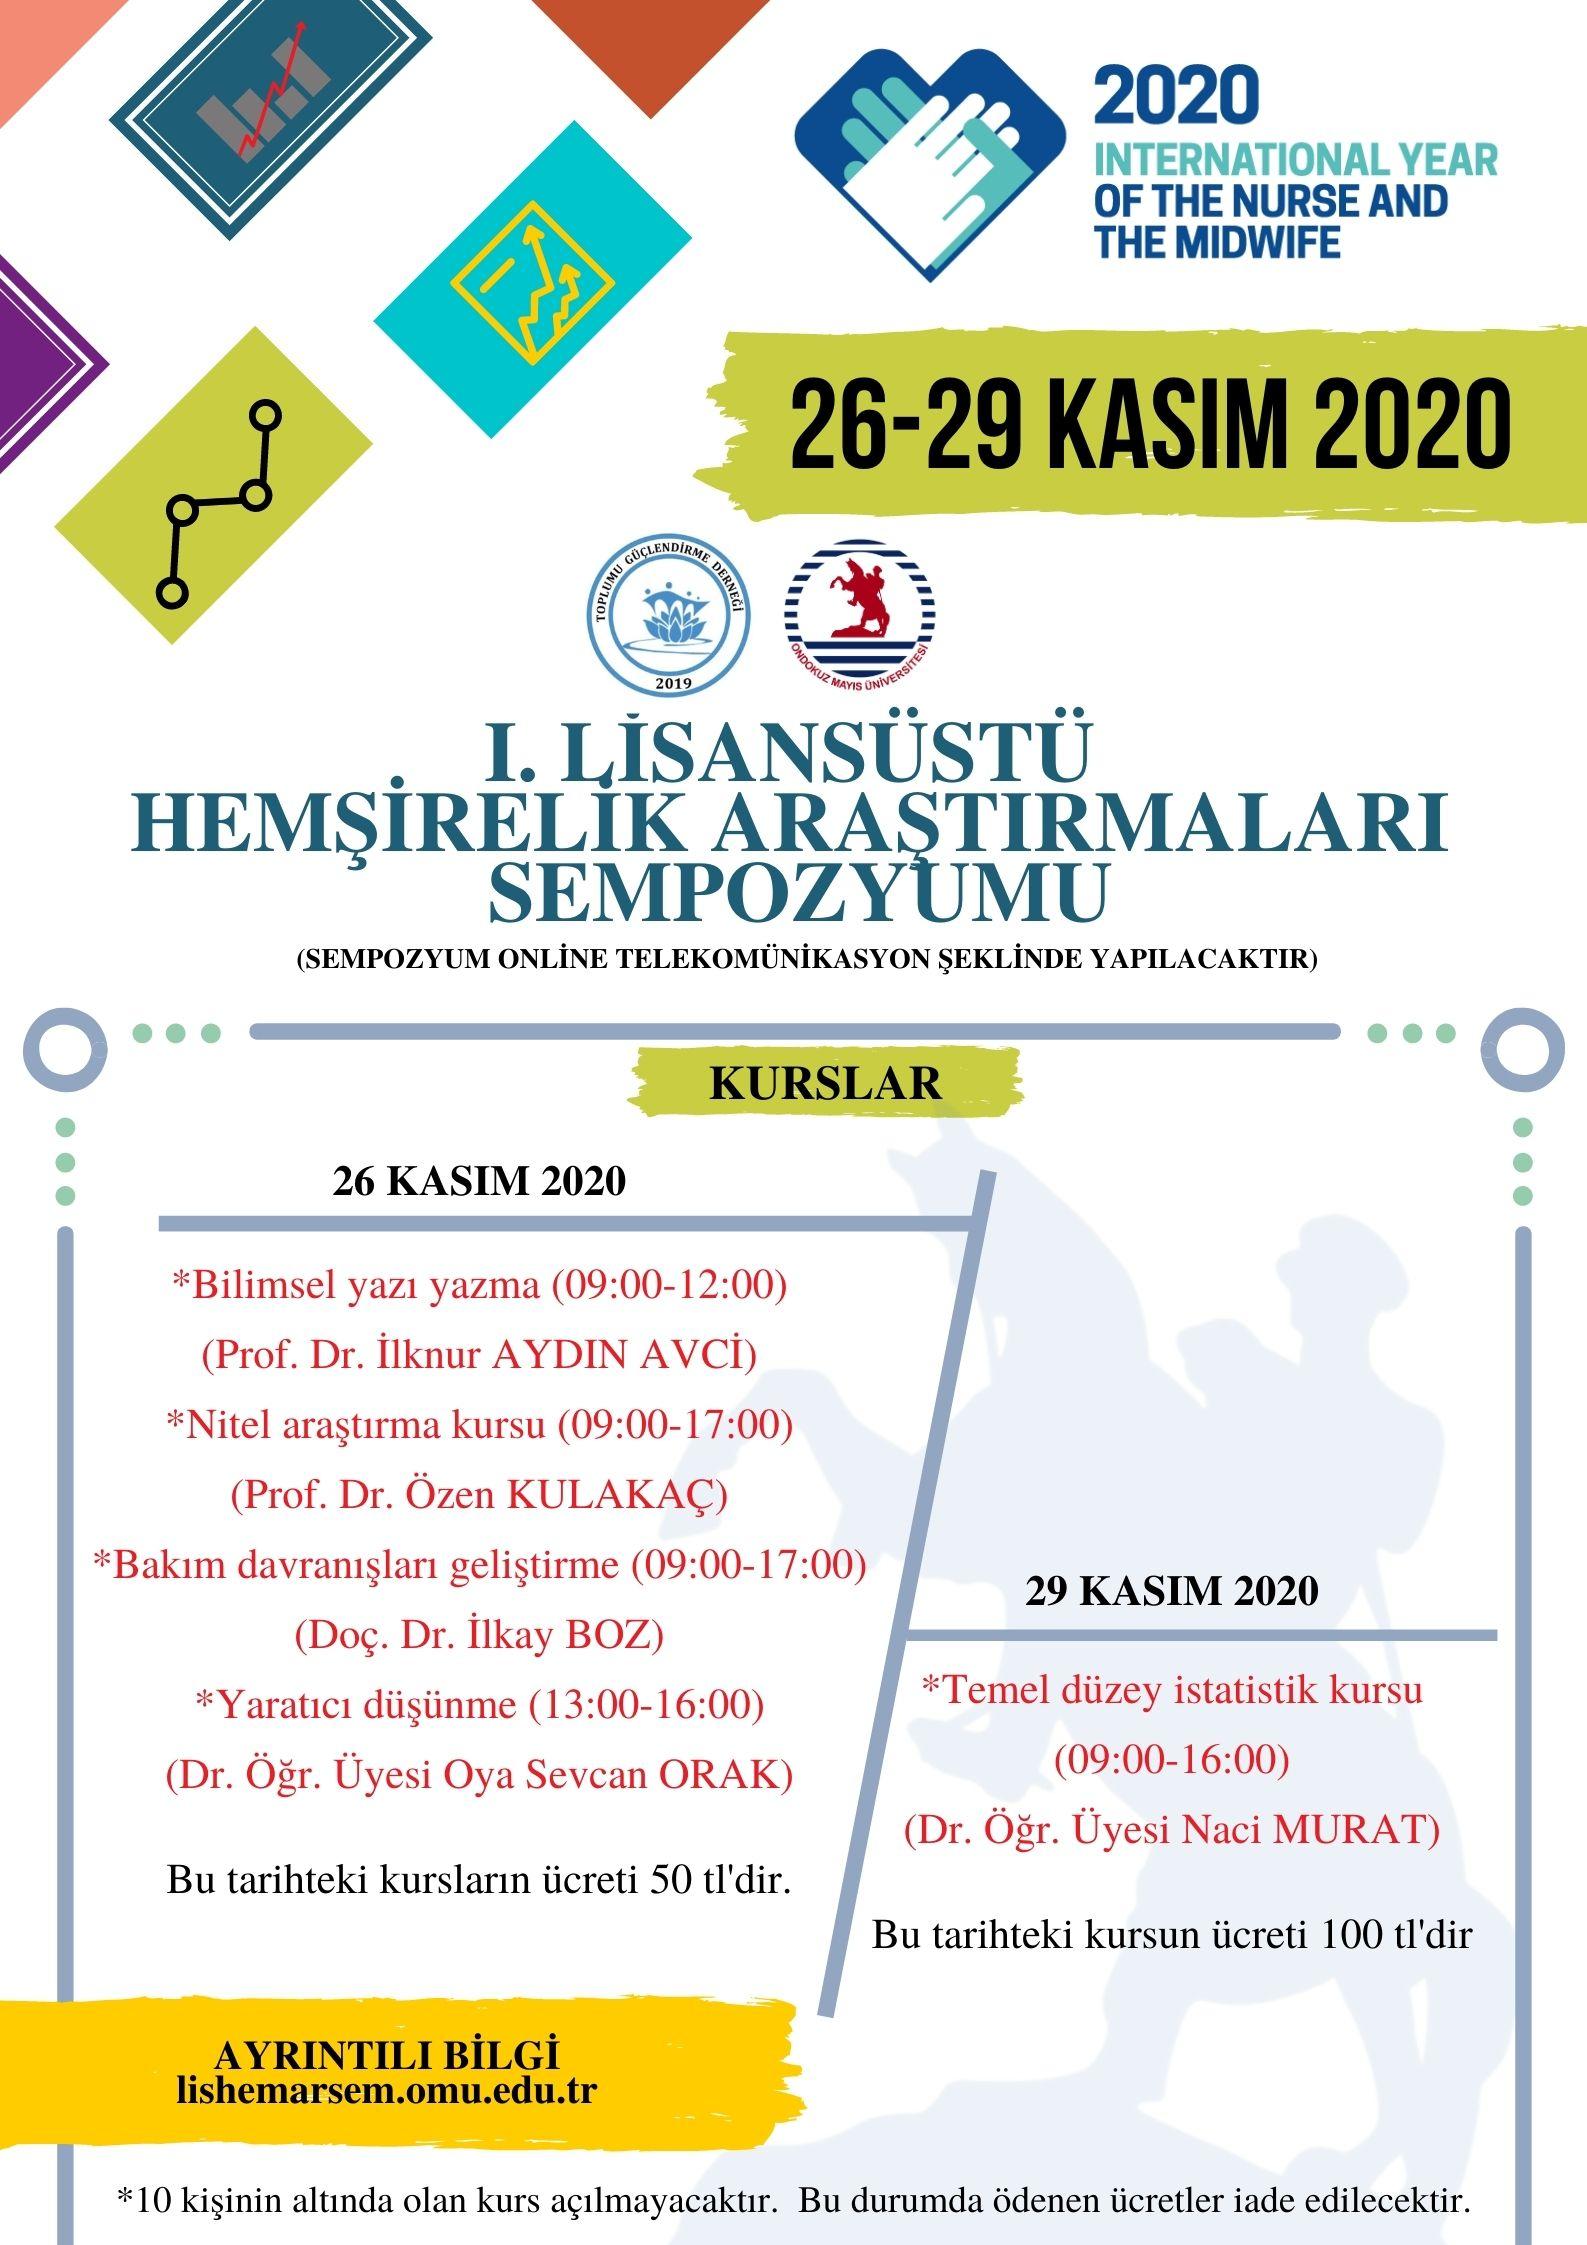 https://www.omu.edu.tr/sites/default/files/lisansustu_hemsirelik_arastirmalari_sempozyumu.jpg